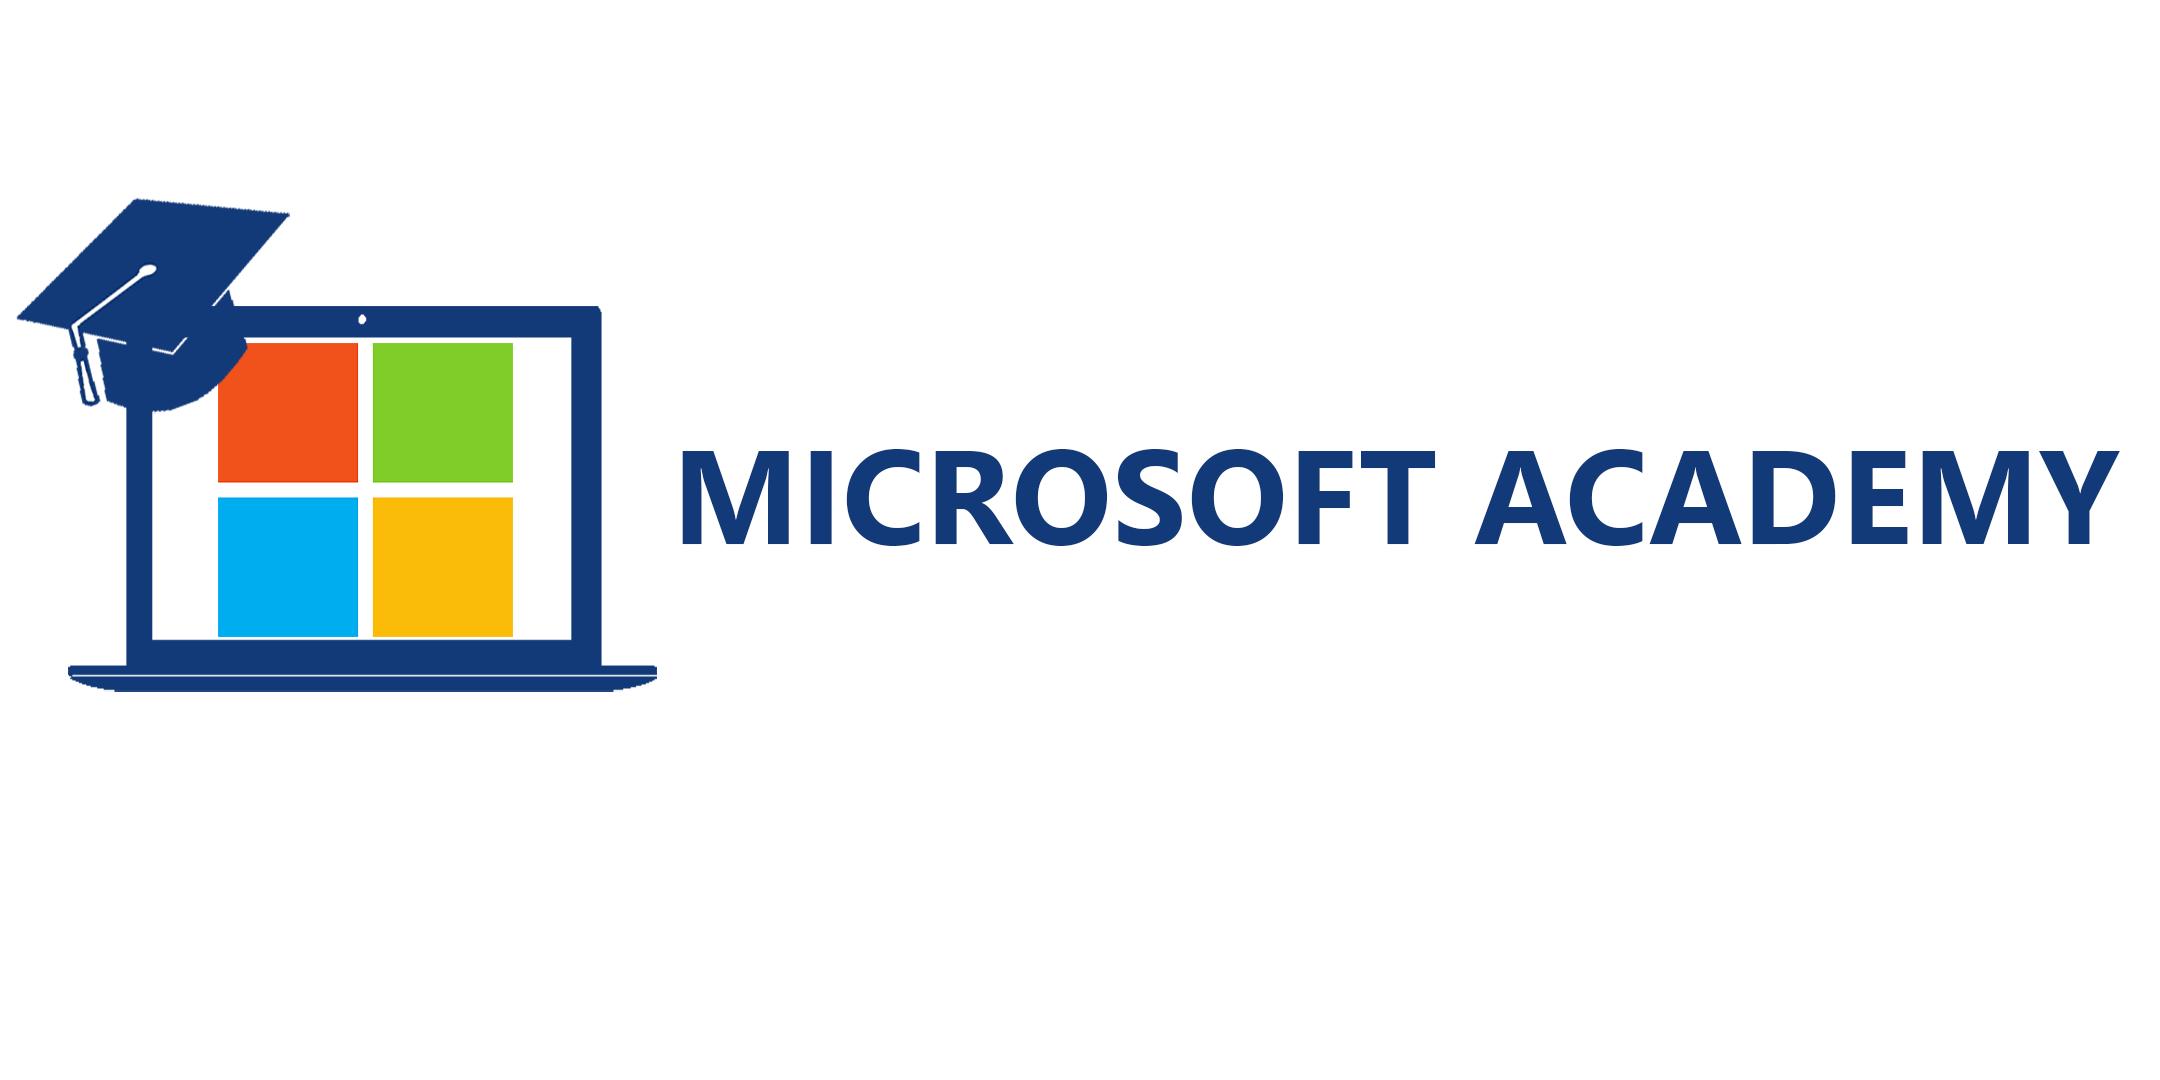 وكعادتها شركة مايكروسوفت تكون سباقة في مجال تكنولوجيا المعلومات بإطلاقها موقعا متخصص في دورات وكورسات متخصصة في تعلم البرمجة وقواعد البيانات و أنظمة التشغيل ...